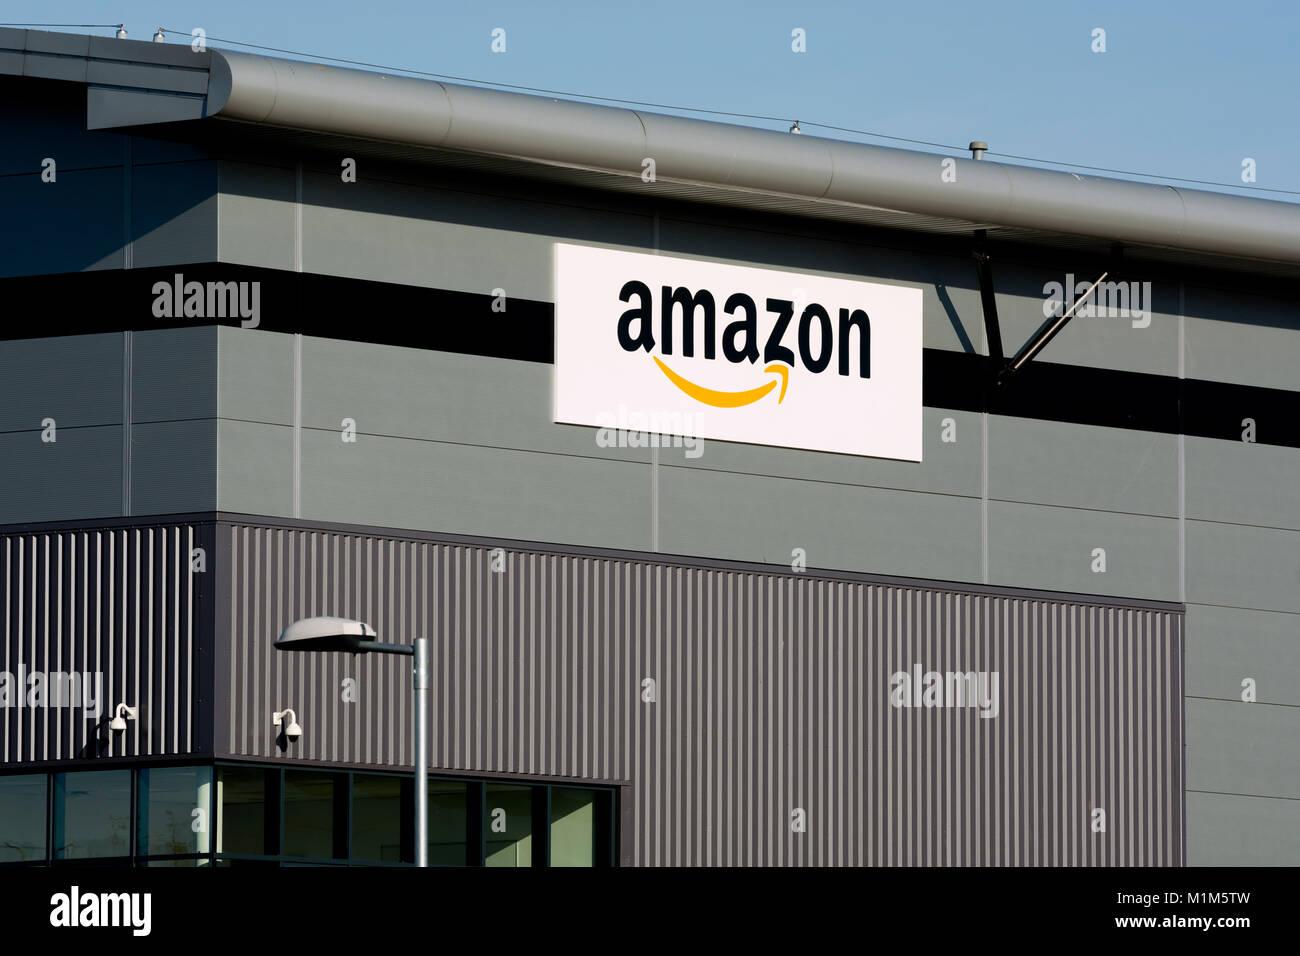 An Amazon warehouse, Banbury, Oxfordshire, England, UK - Stock Image